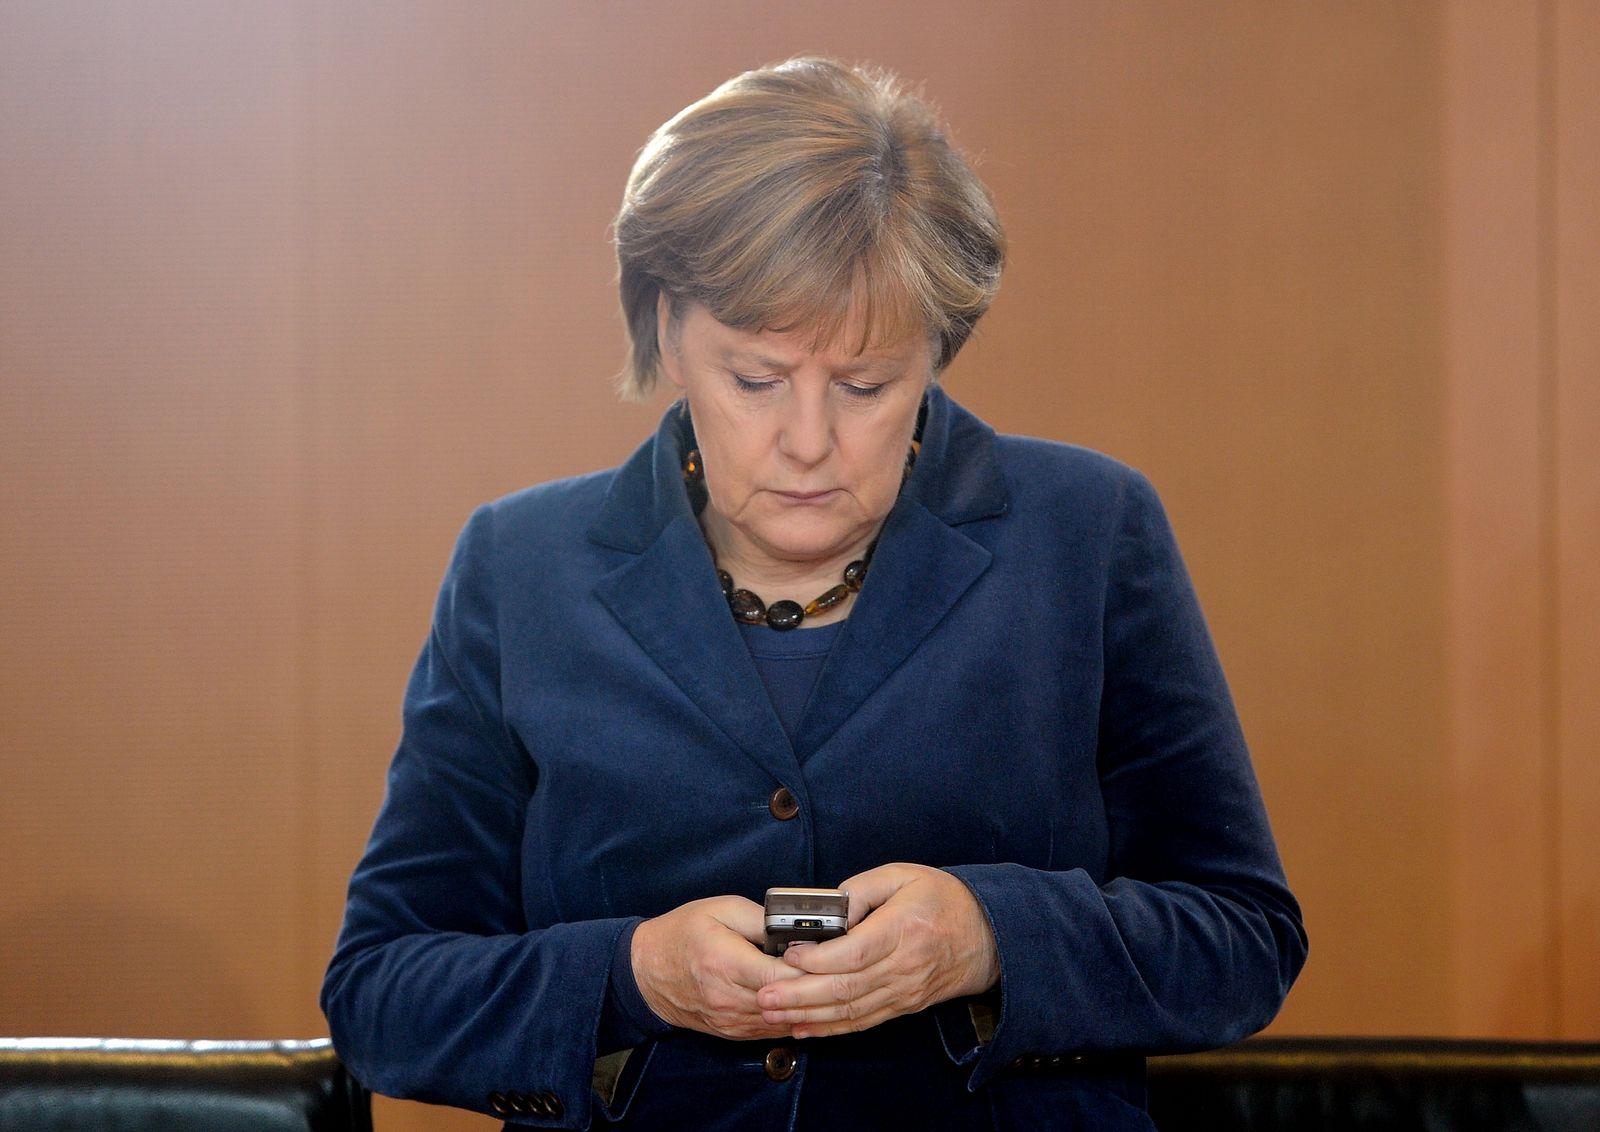 NICHT VERWENDEN Merkel / Handy